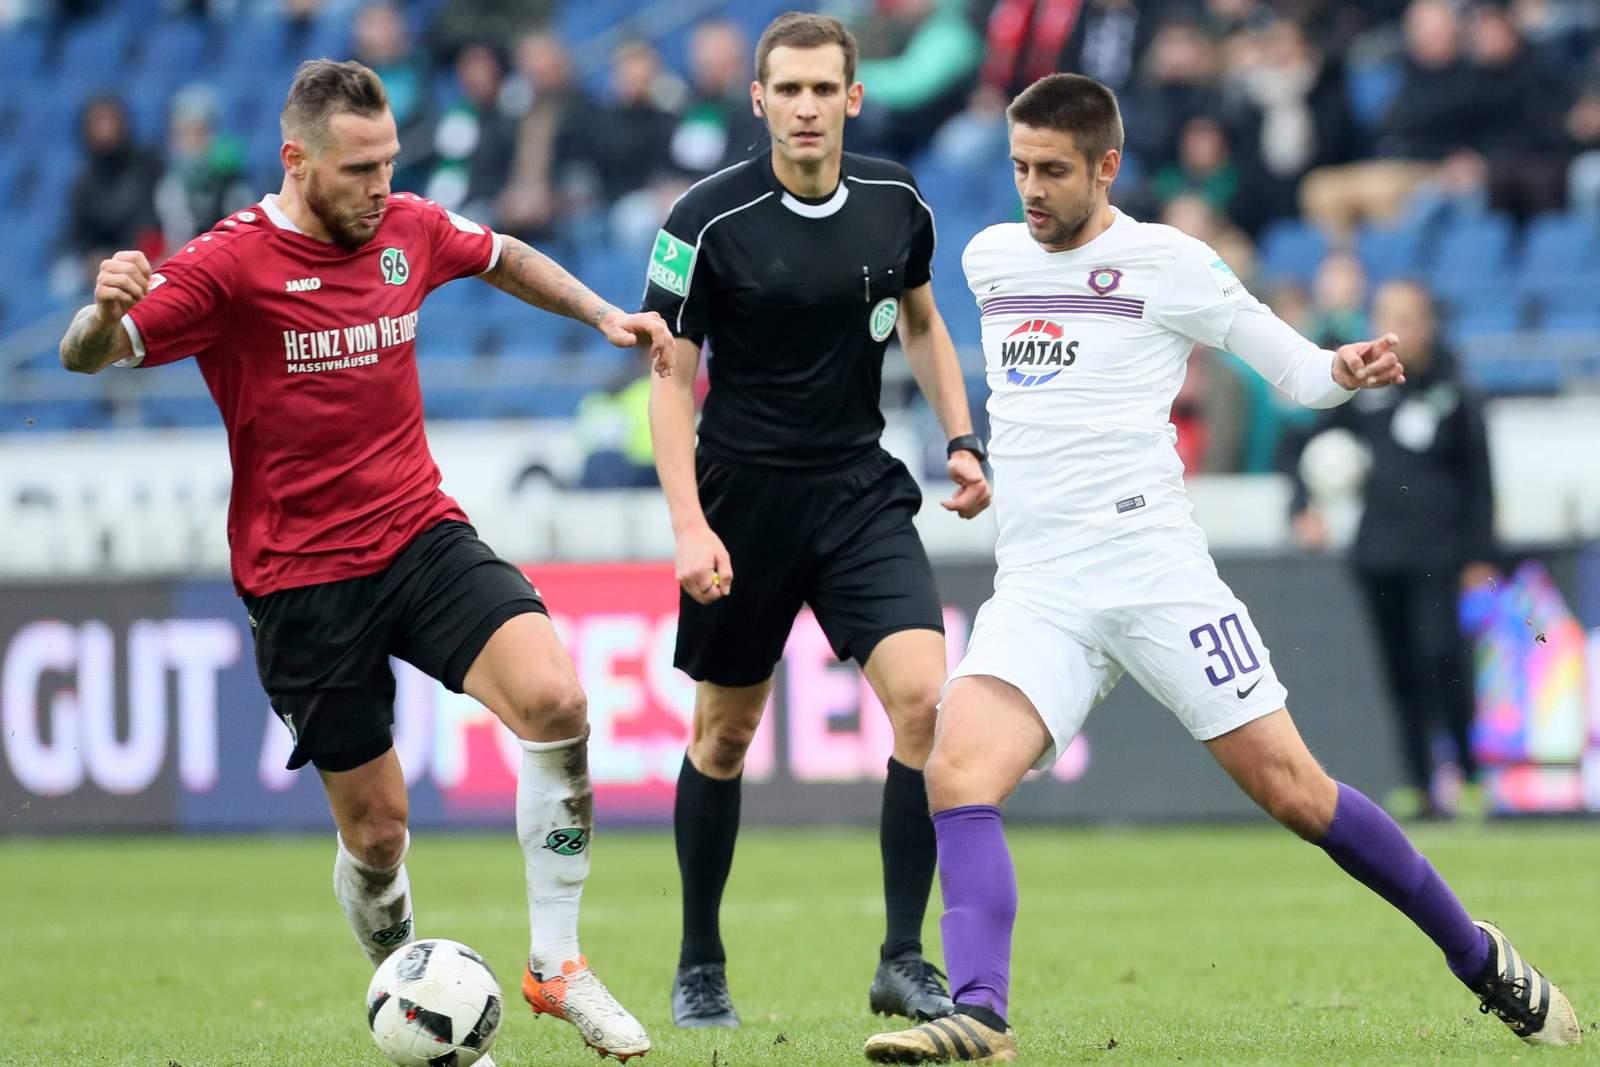 Marvin Bakalorz von Hannover 96 gegen Dimitrij Nazarov von Erzgebirge Aue